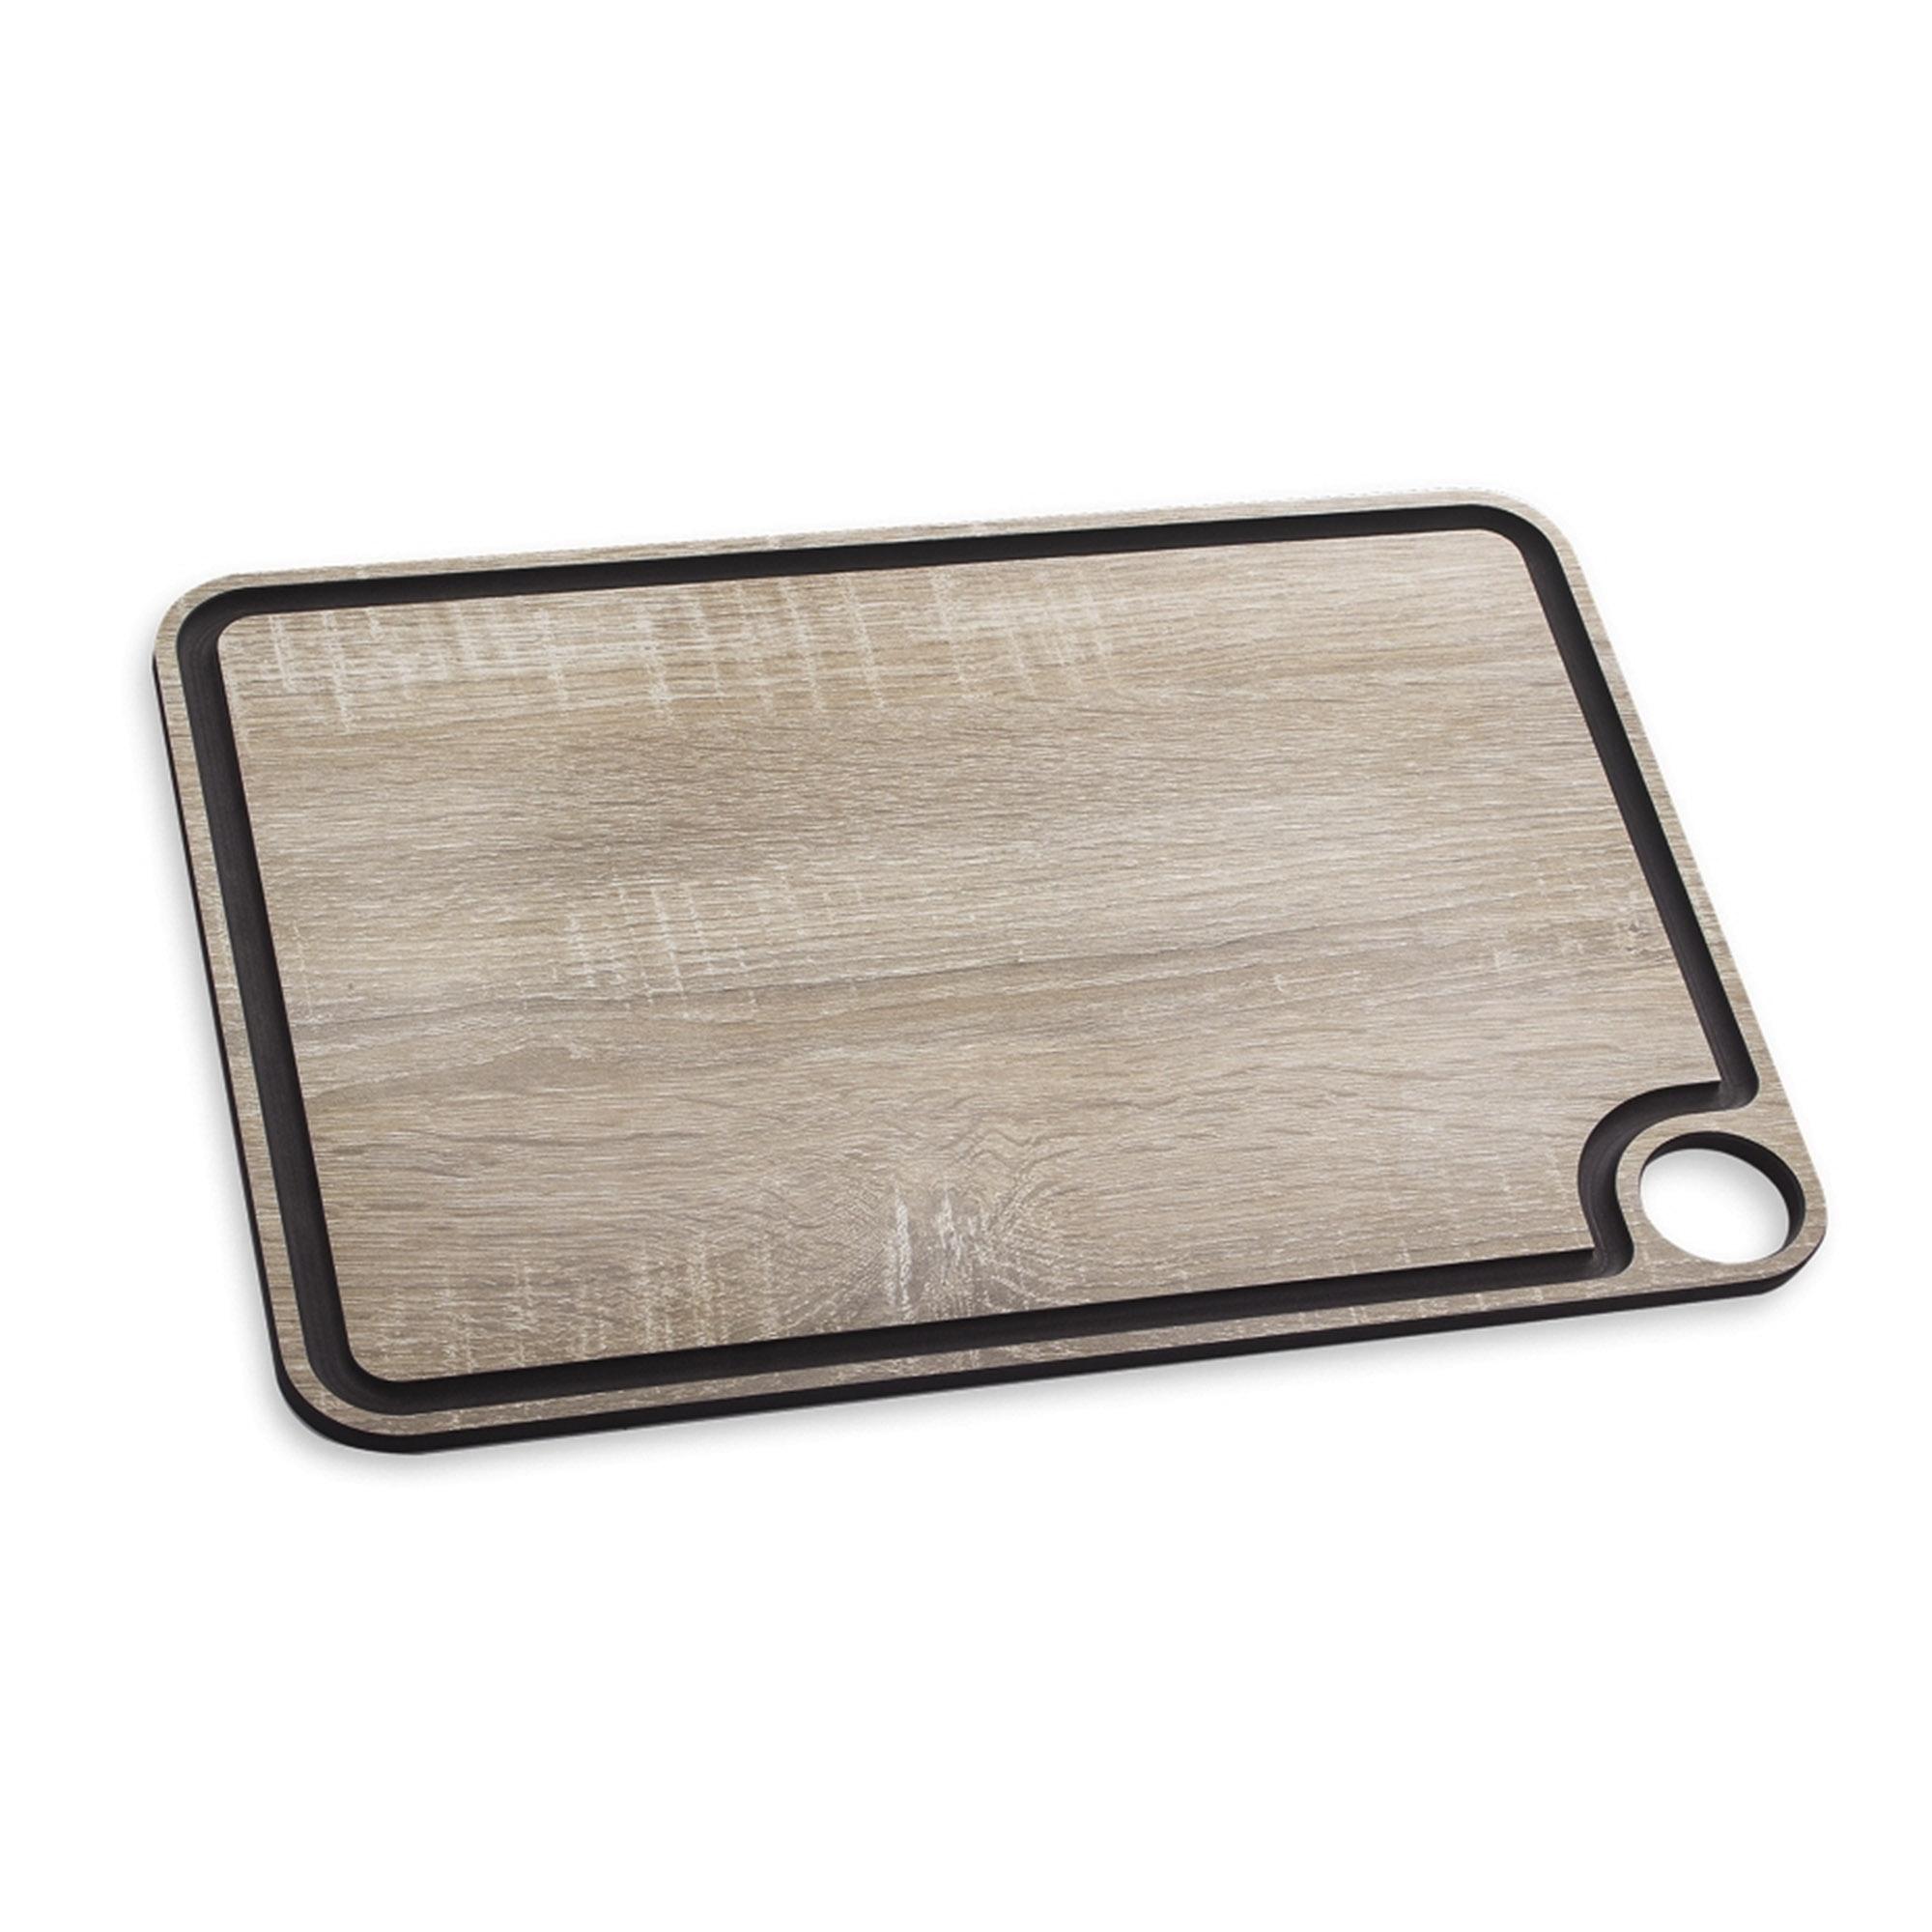 Доска разделочная с желобом Arcos Accessories 37,7х27,7 см доска разделочная arcos accessories 24х14 см